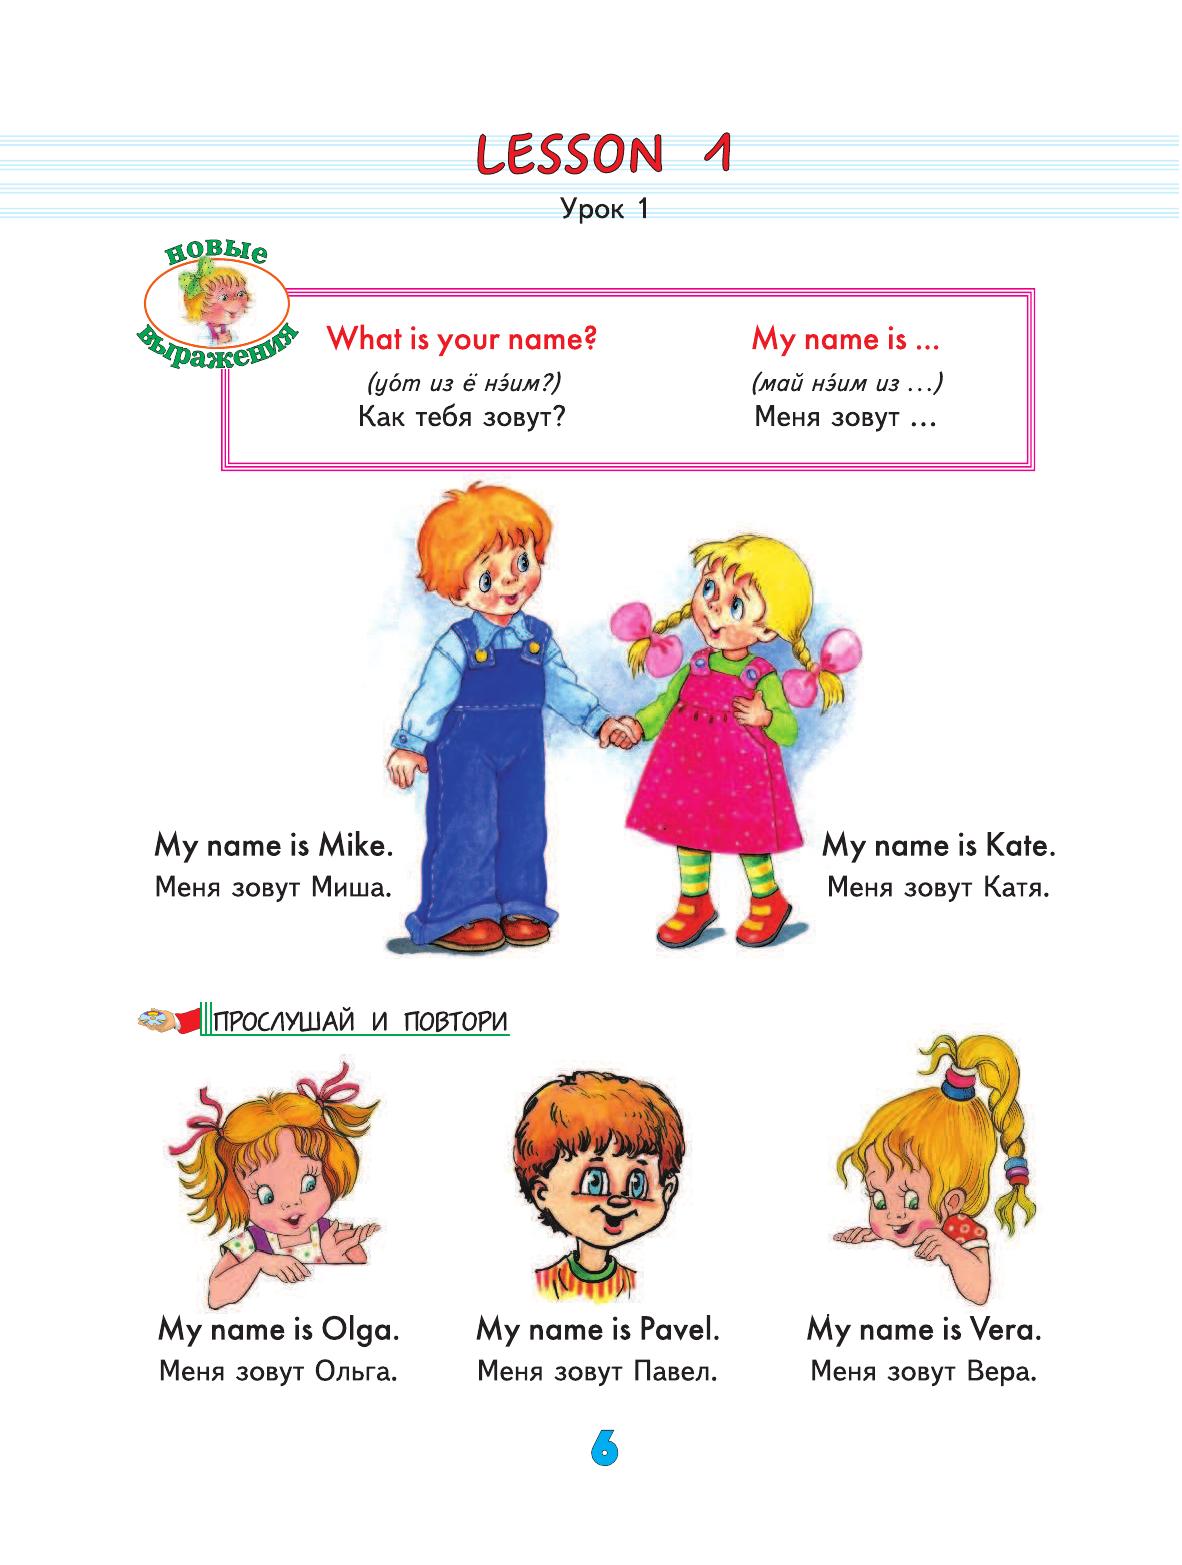 Картинки по английскому языку для детей 2 класса с переводом, вкладыш для